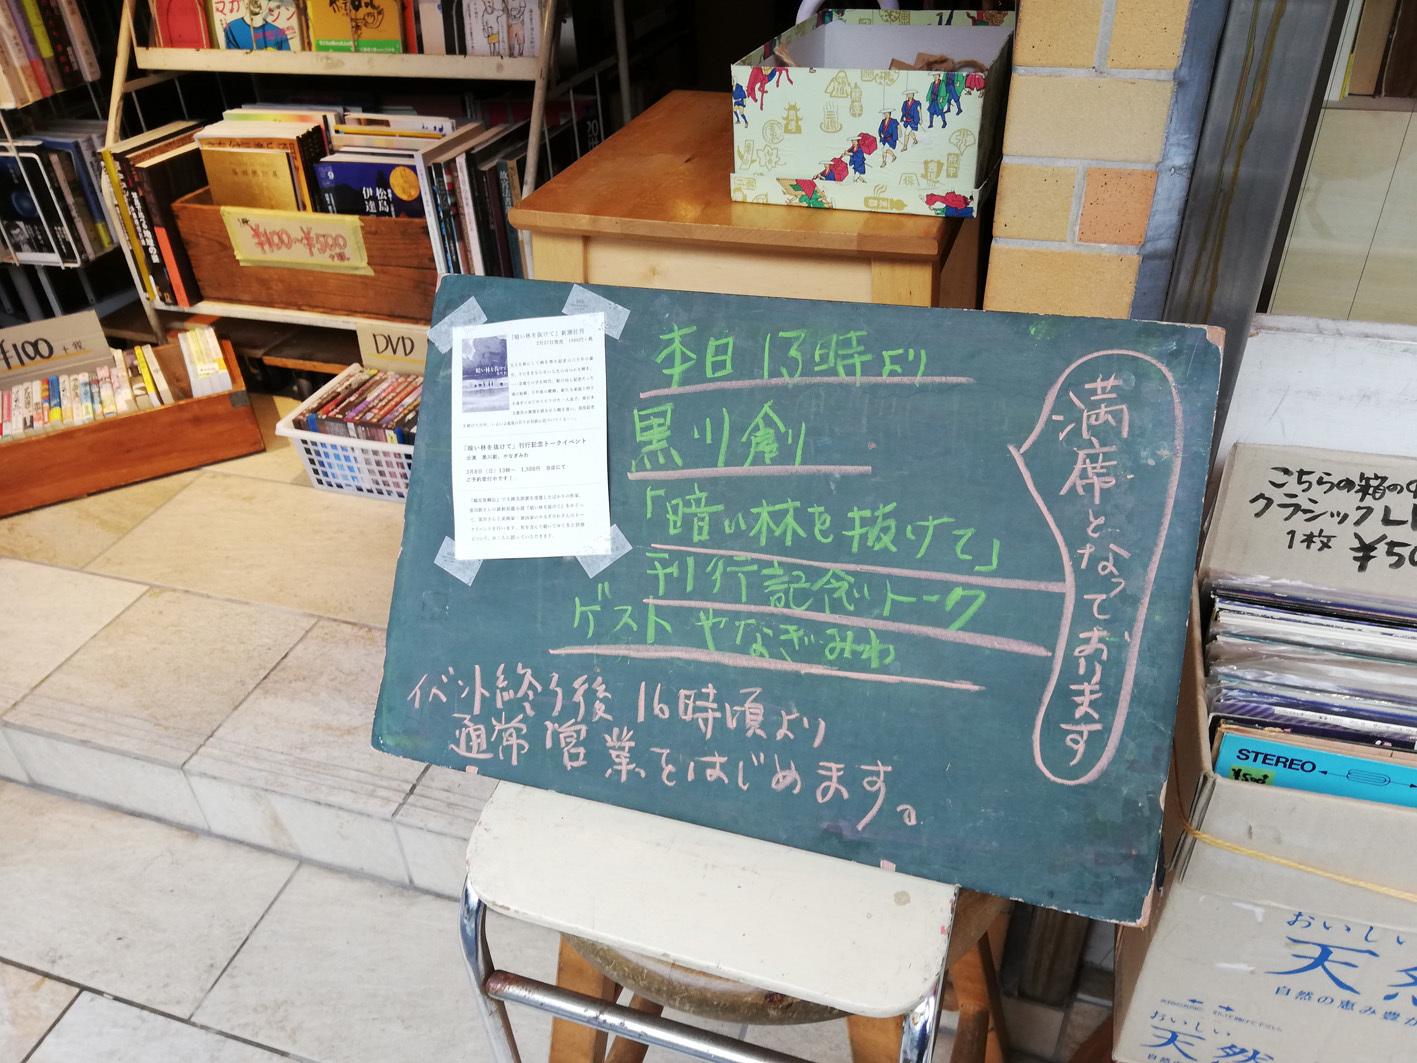 黒川創さん著『暗い林を抜けて』刊行記念トークに参加しました。_c0154961_13553252.jpg